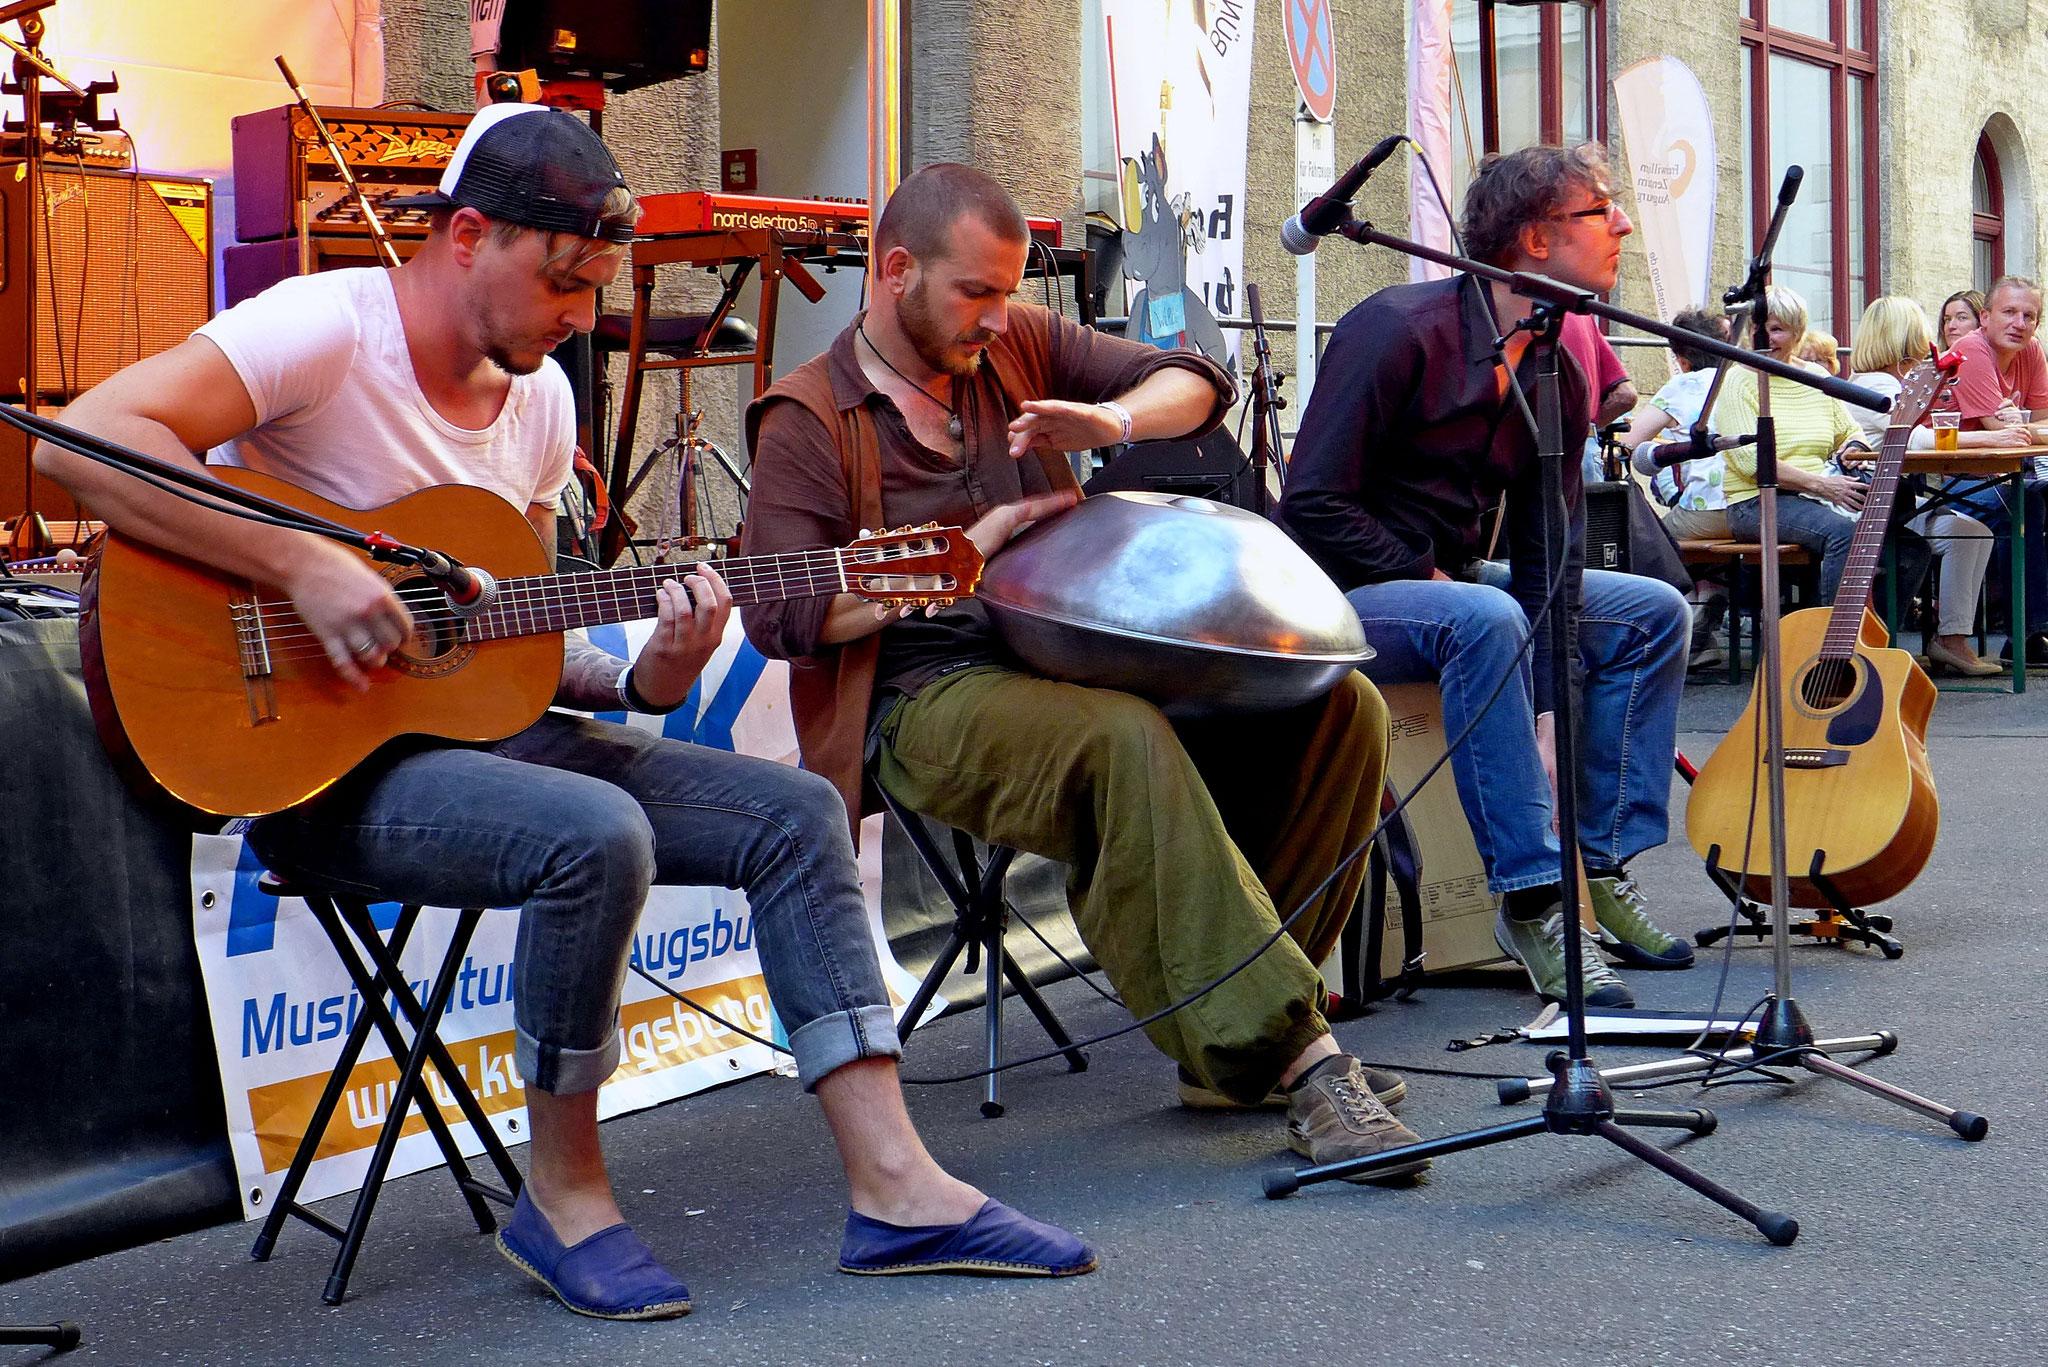 Konzerte im Bürgerhof 07.07.16 Sphärenschmiede - Freiwilligen-Zentrum Augsburg - Foto: Christoph Urban